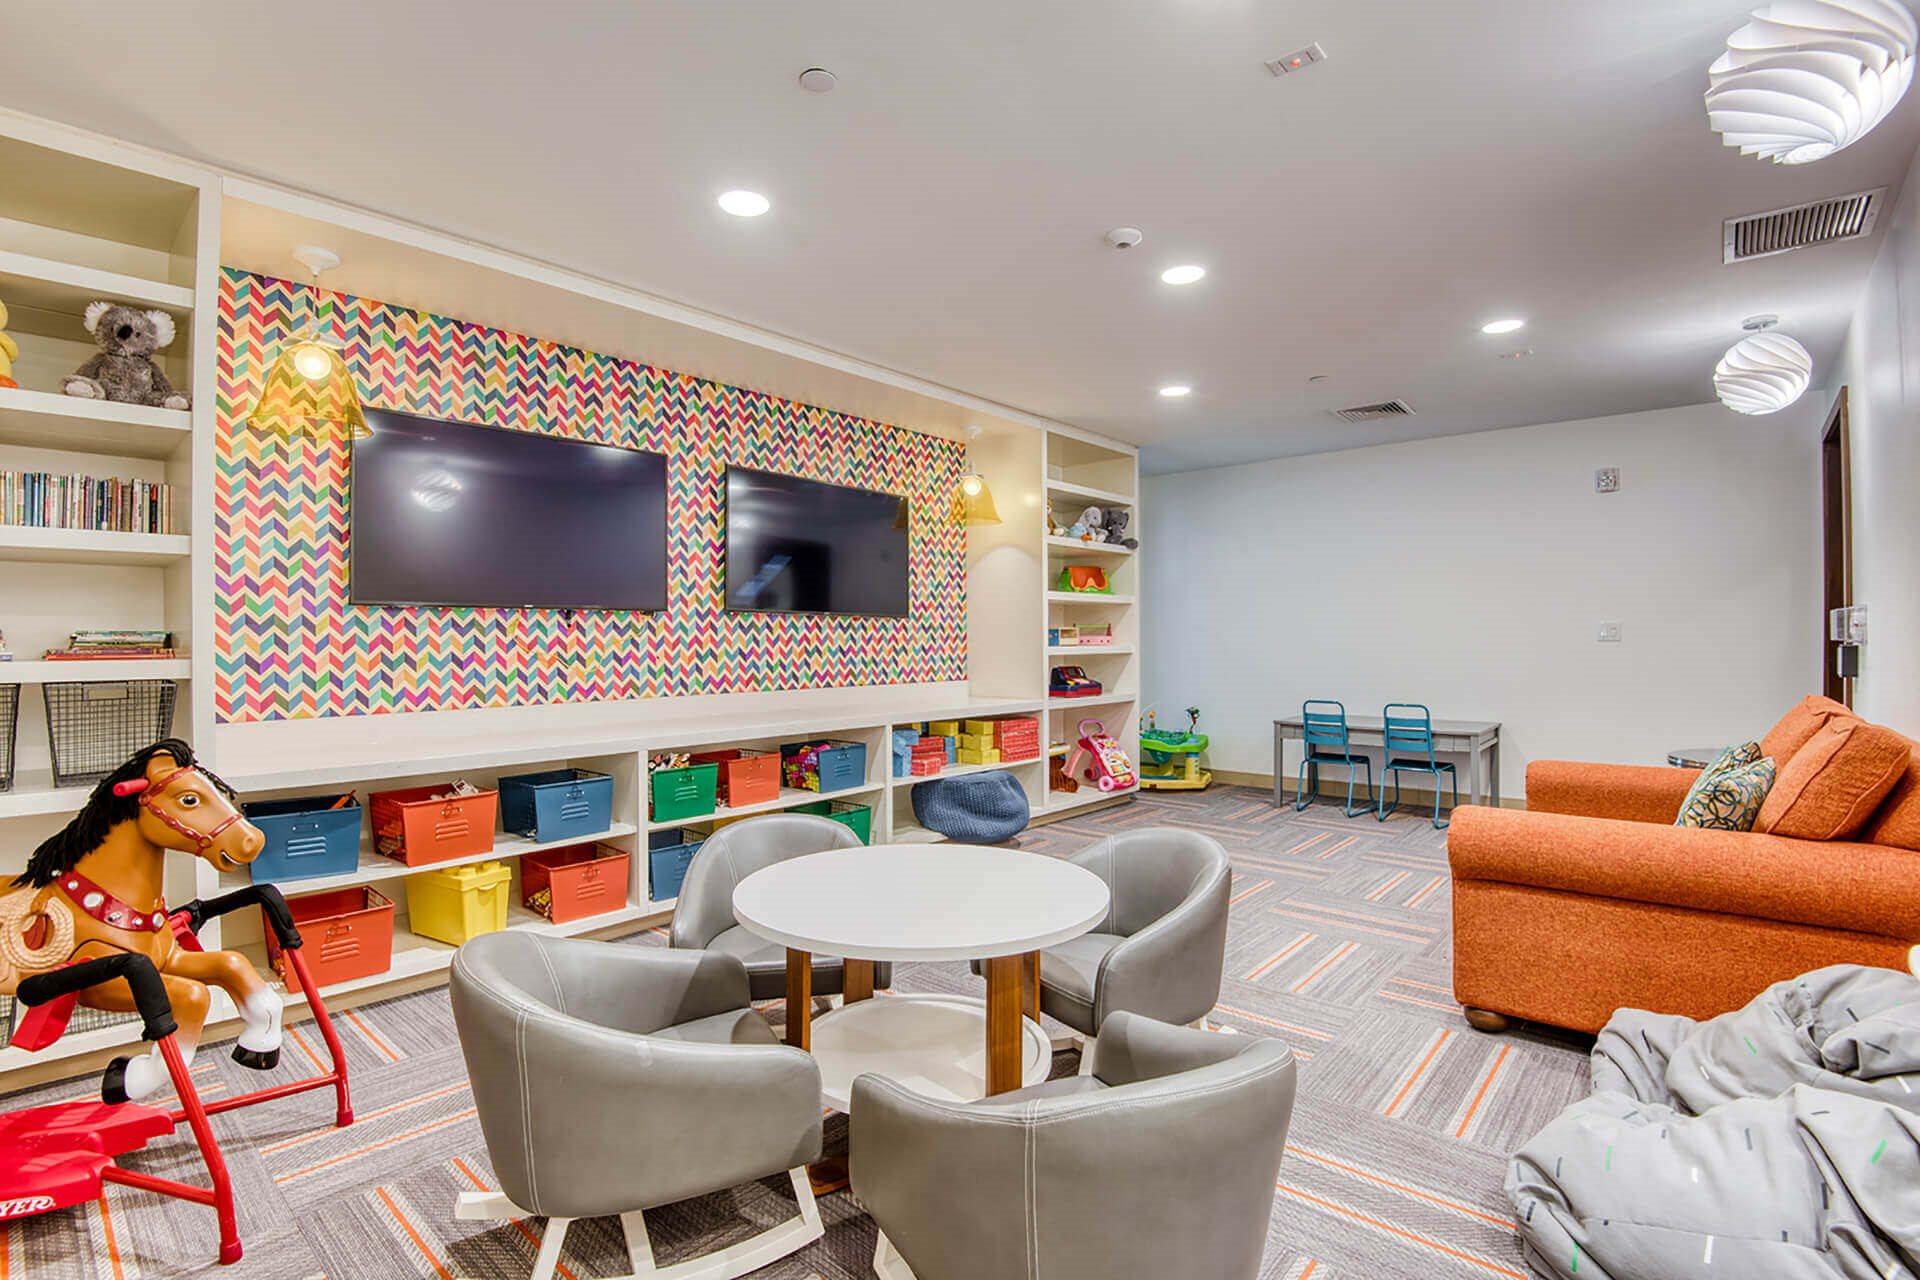 Children's recreation room at Hopkinton by Windsor, Massachusetts, 01748